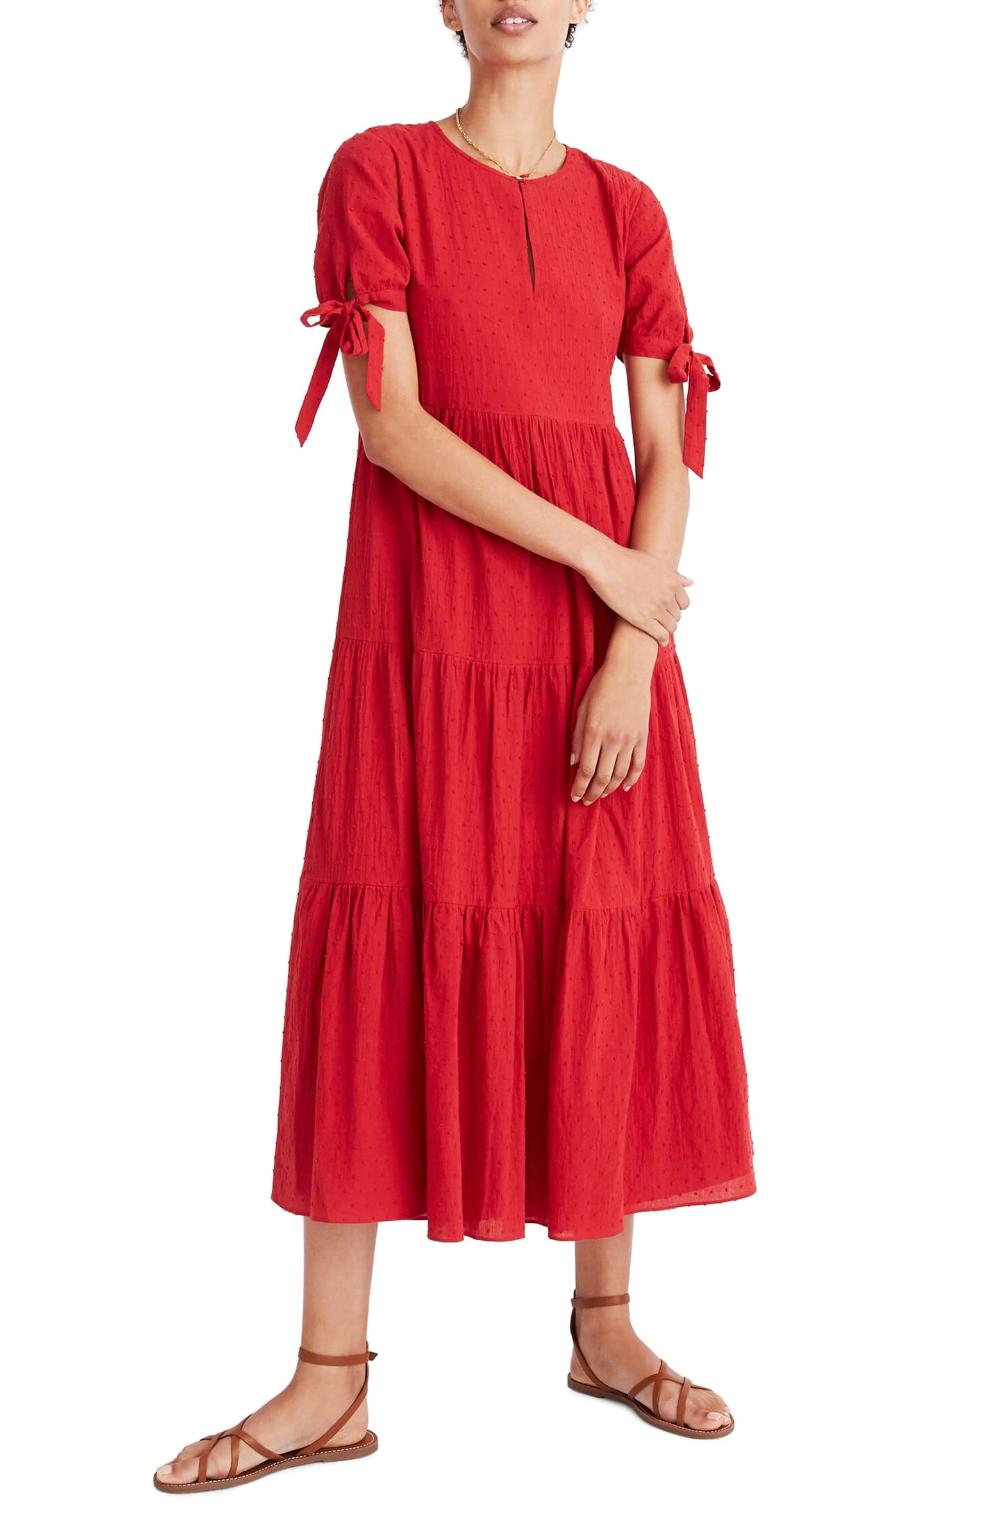 Madewell Tie Sleeve Tiered Swiss Dot Midi Dress Nordstrom Red Dress Sleeves Tie Sleeve Dress Midi Dress [ 1533 x 1000 Pixel ]